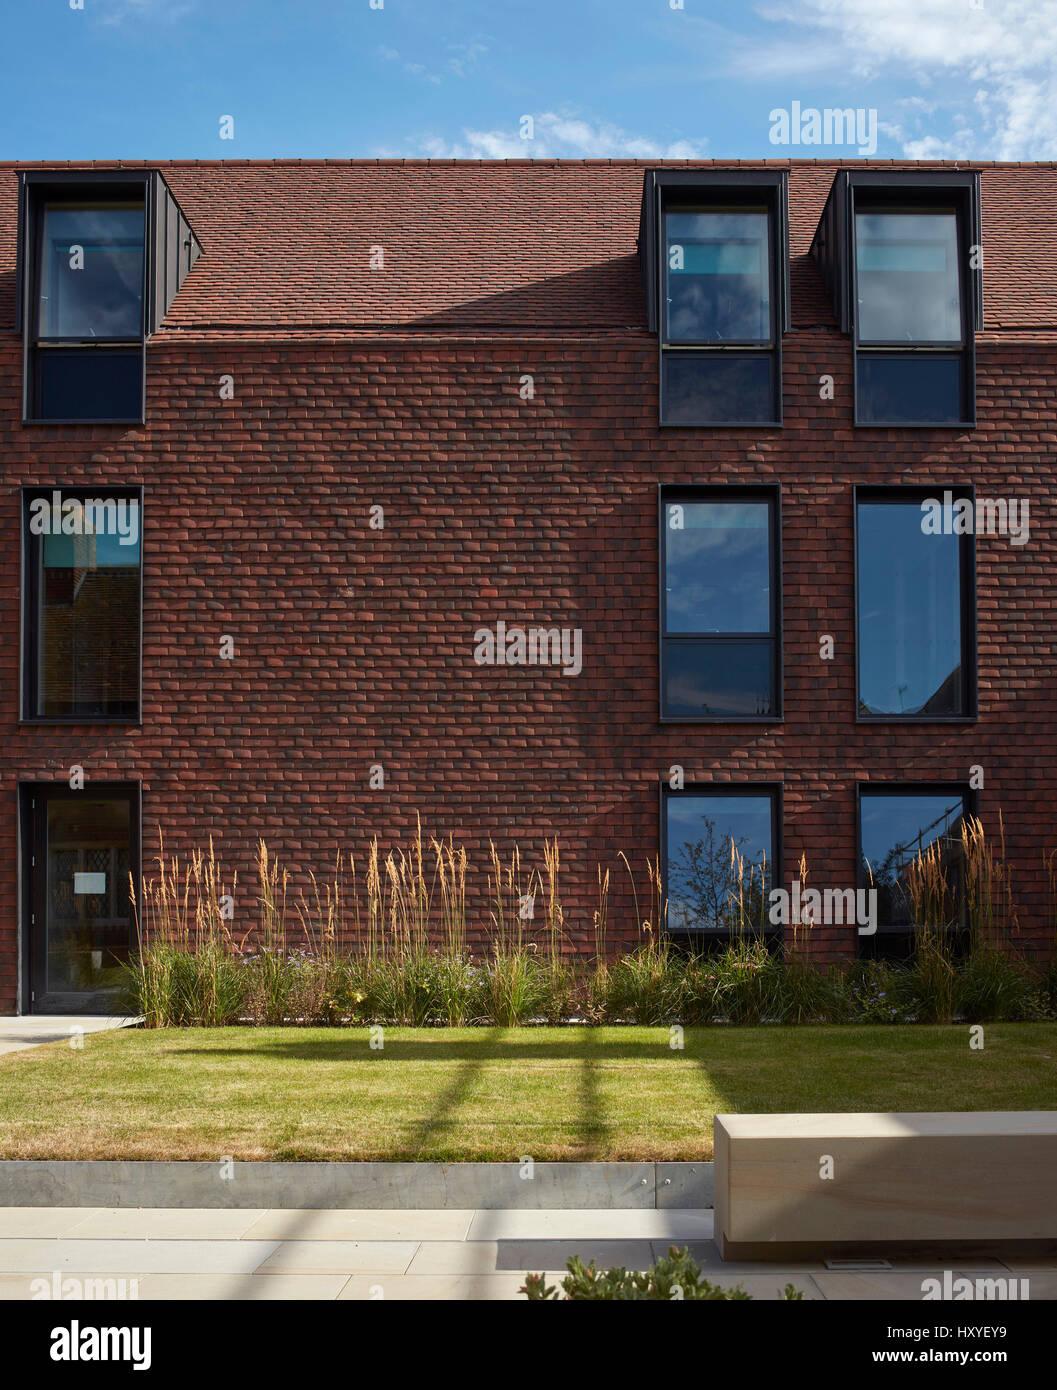 elevación frontal de arcilla azulejos fachada exterior. casa